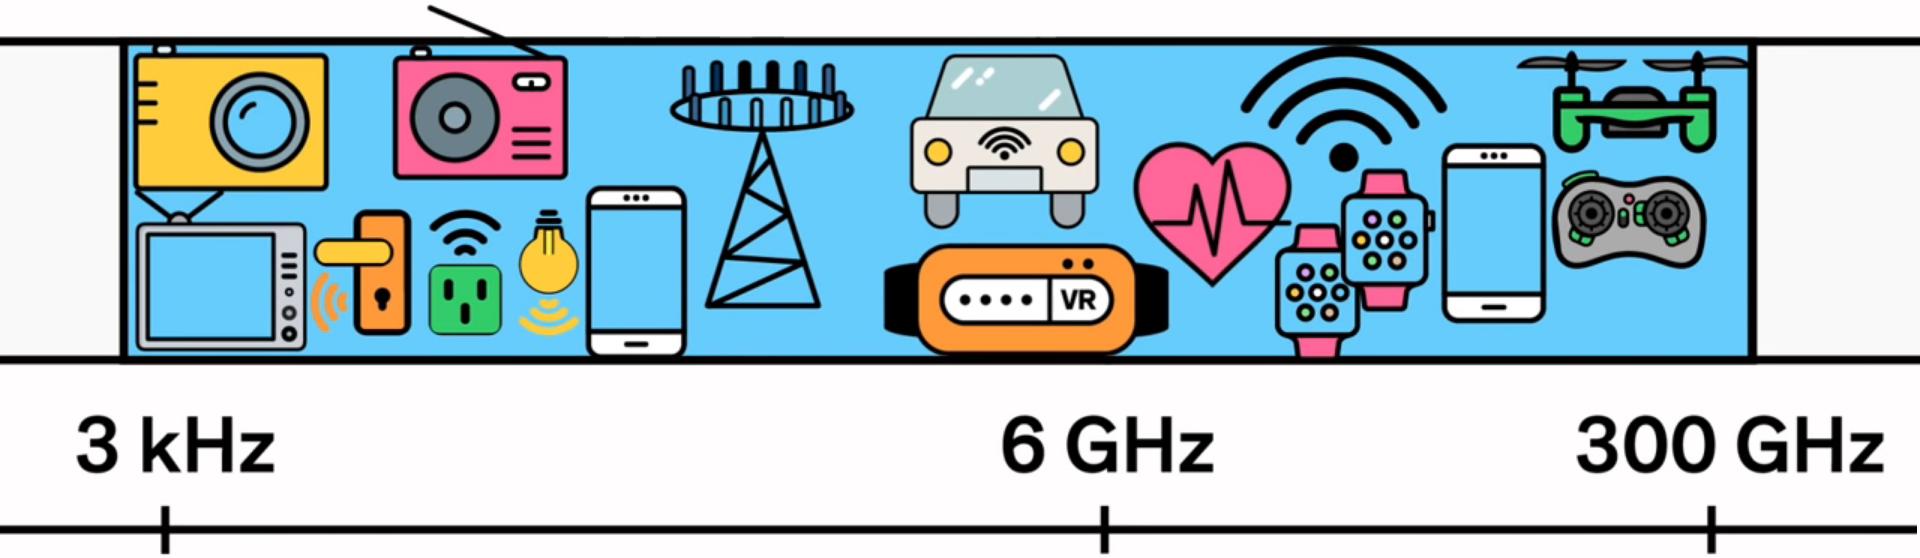 5G – где и кому он нужен? - 3